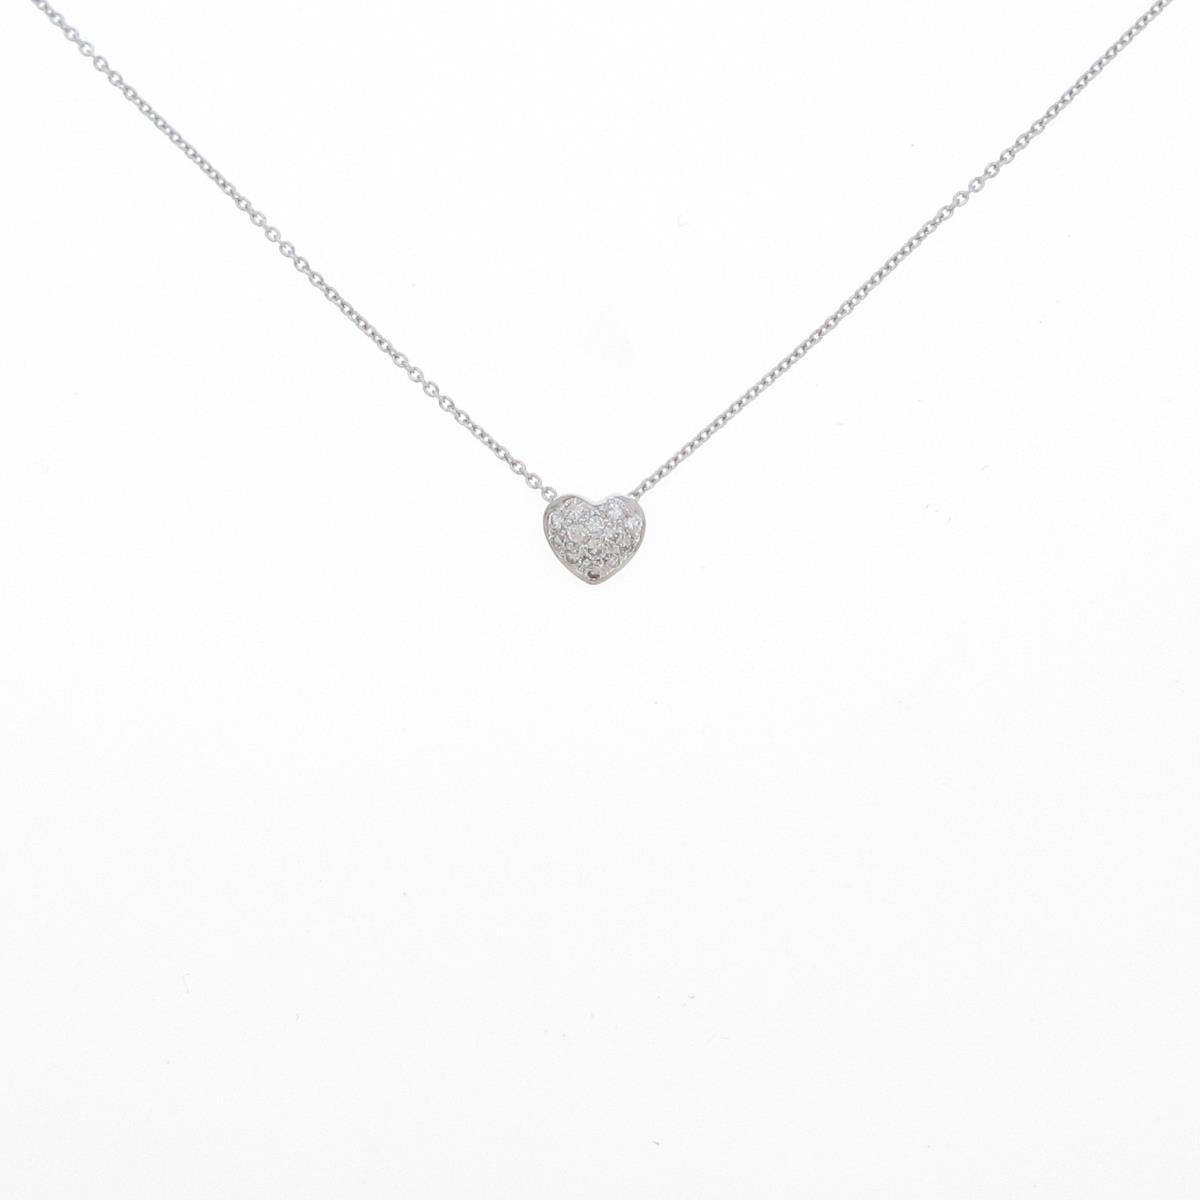 安い 激安 プチプラ 高品質 誕生日プレゼント K18WG ハート 中古 ダイヤモンドネックレス